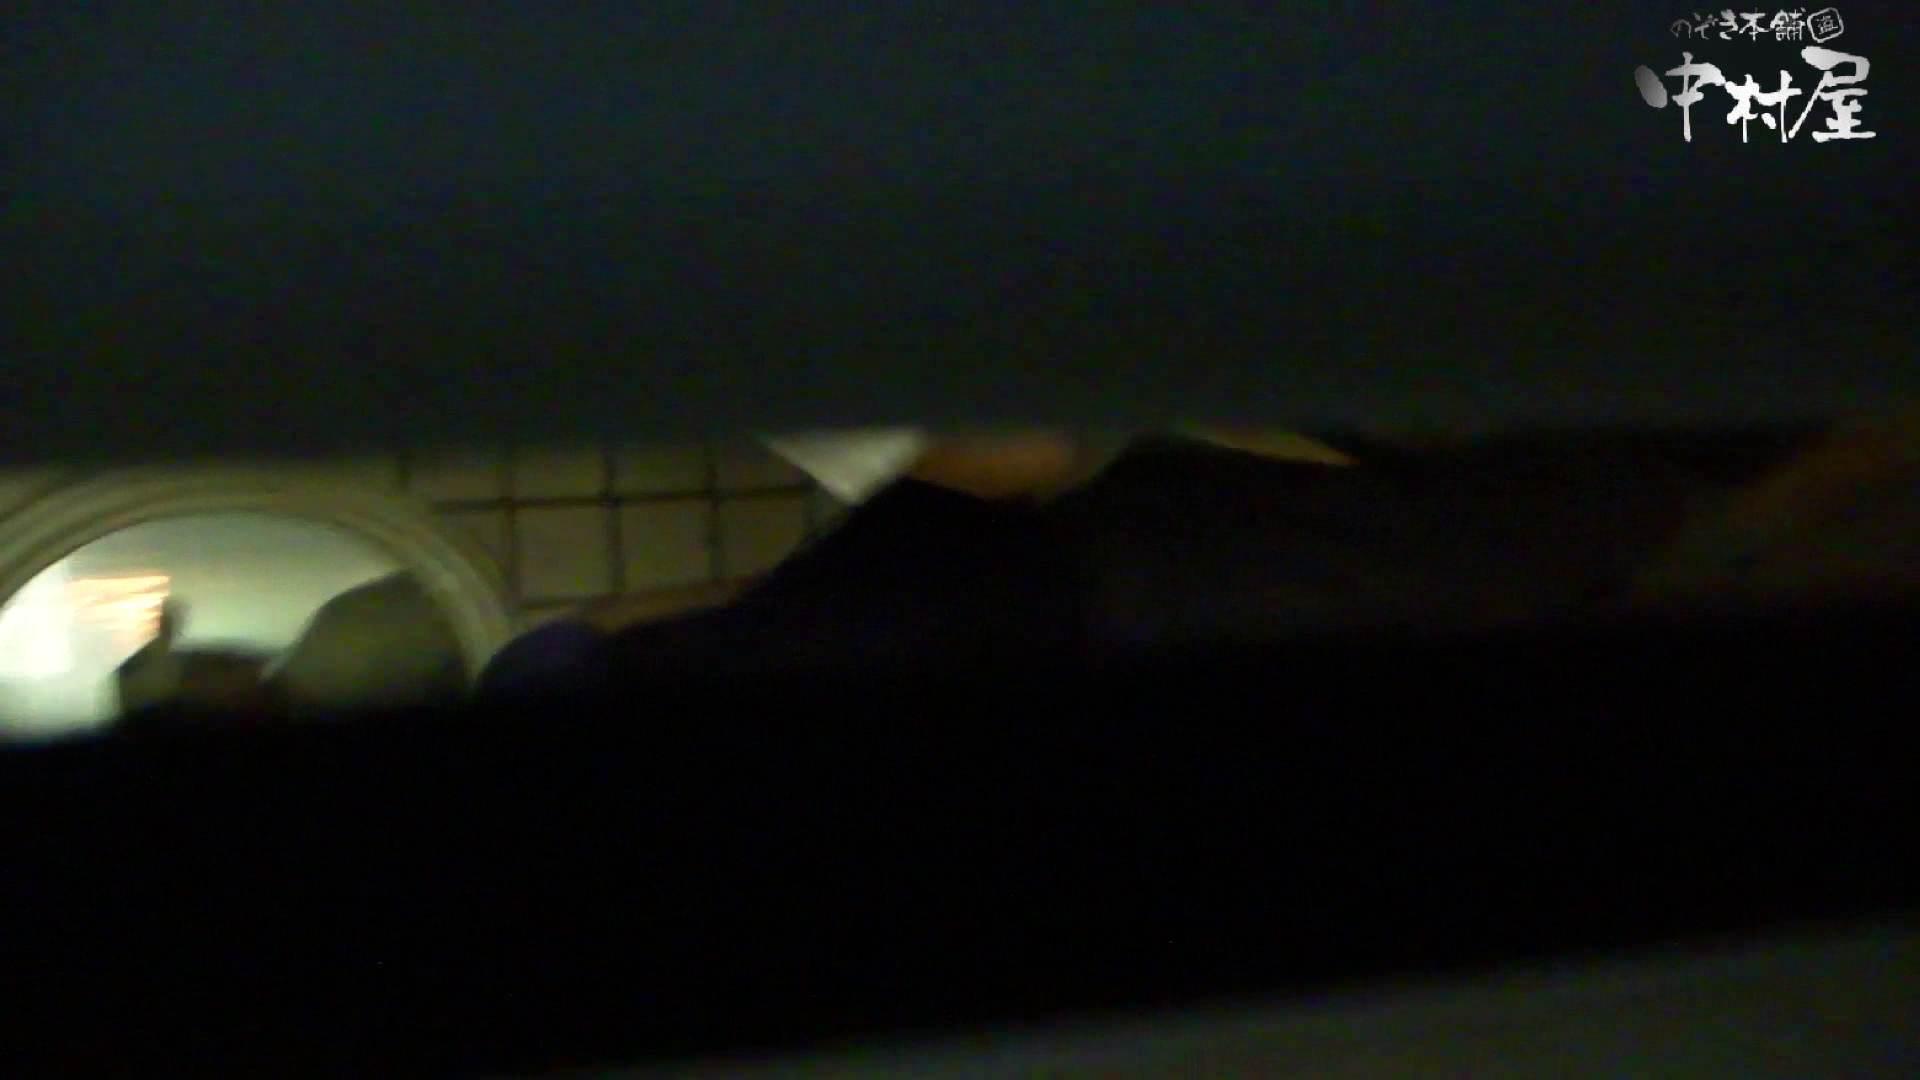 【美人が集まるファッションショッピングセンター洗面所盗SATU】ギャルのツルピカ潜入盗satu!Vol.10 現役ギャル ヌード画像 106pic 93